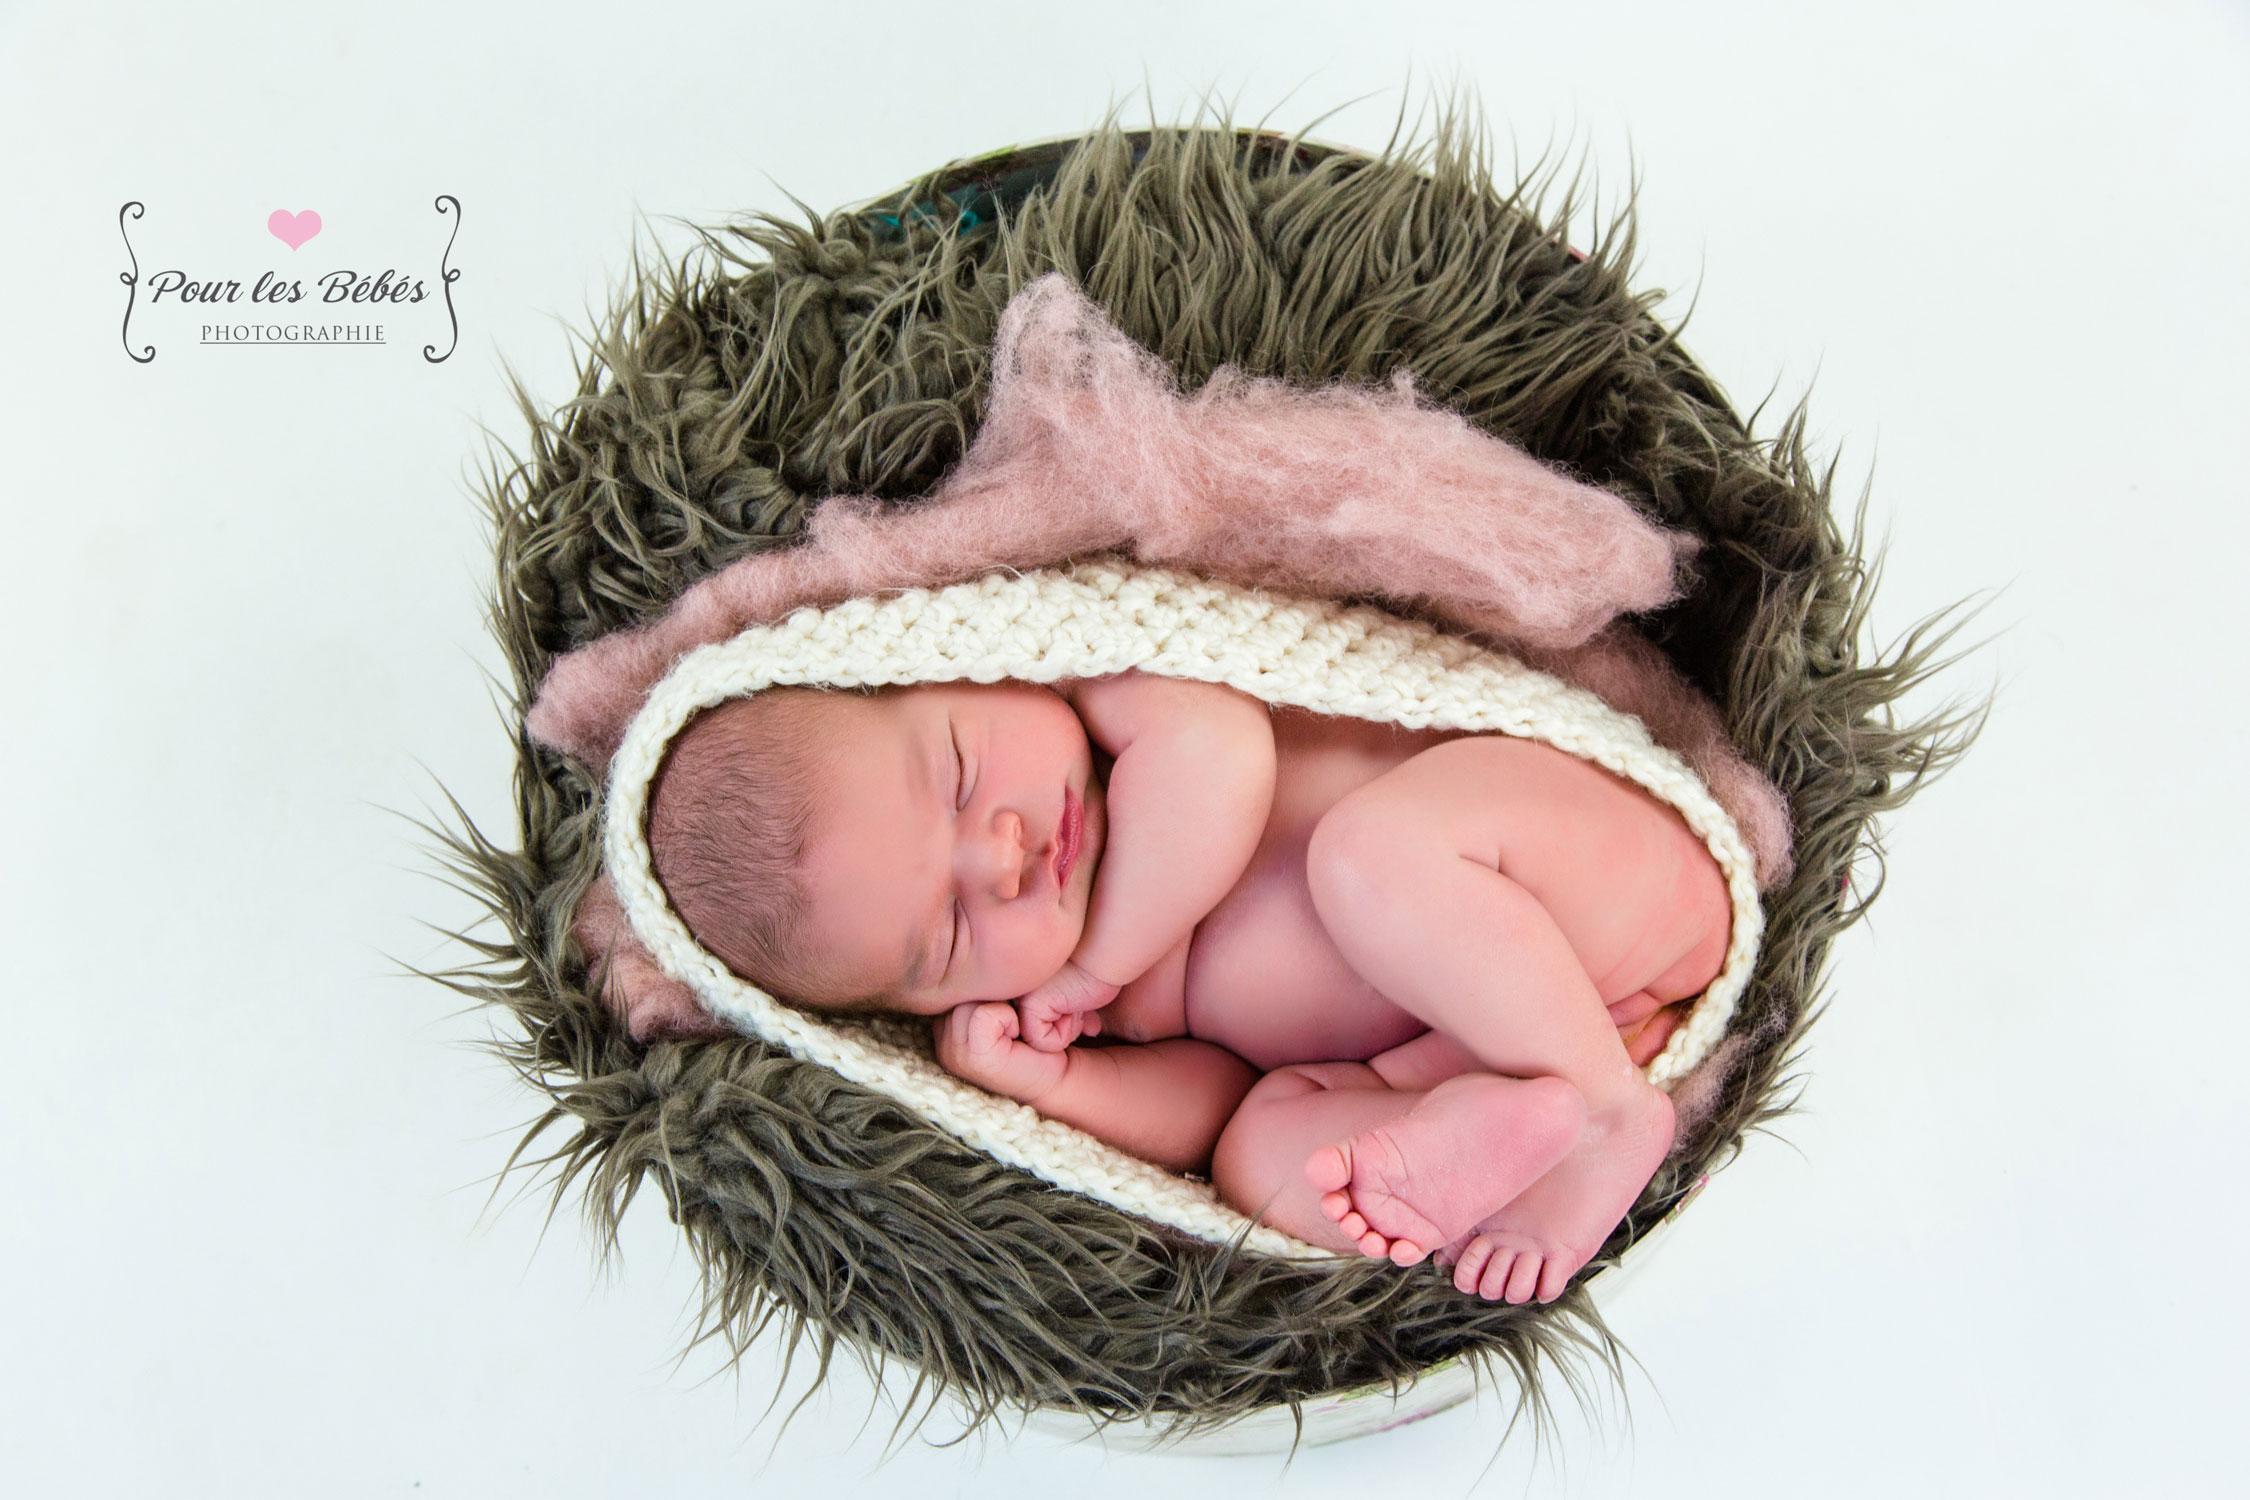 photographe-studio-nouveau-né-famille-enfance-bébé-nourrisson-grossesse-montpellier-nimes-lunel-mauguio-sommières-246